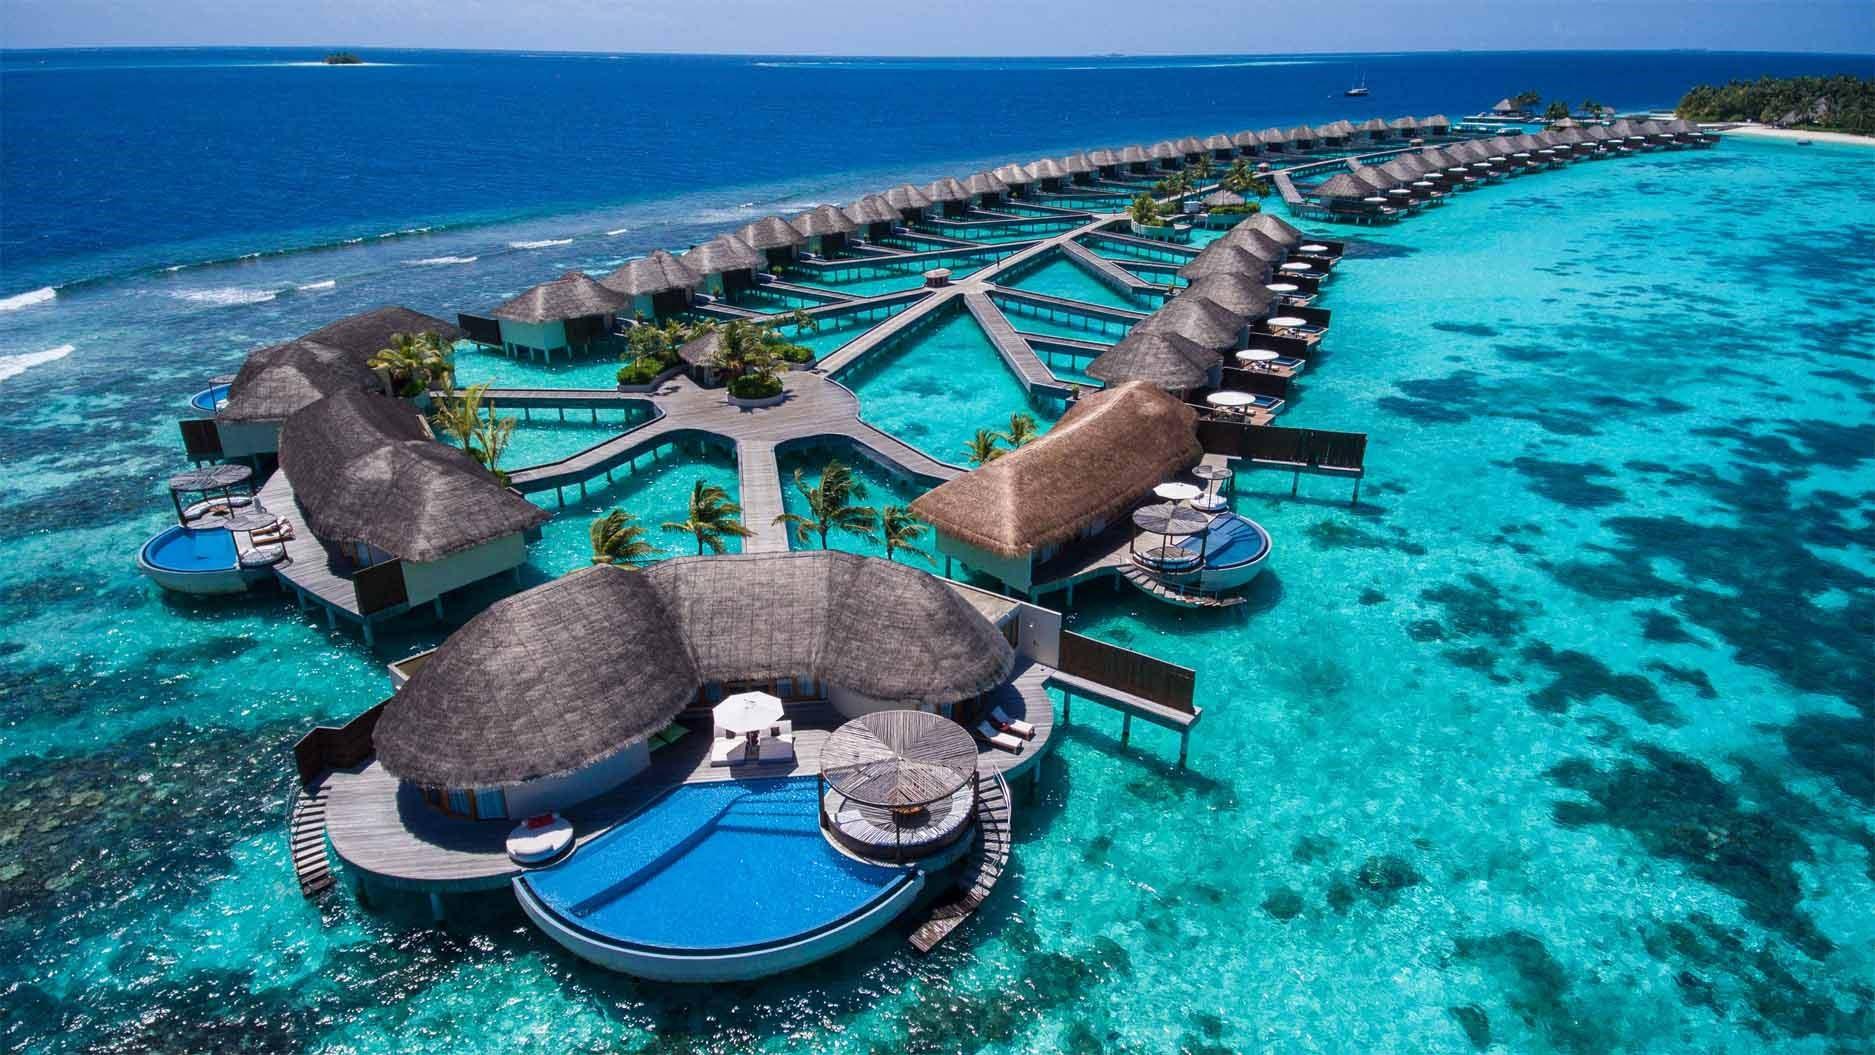 Seaplane Trip in Maldives